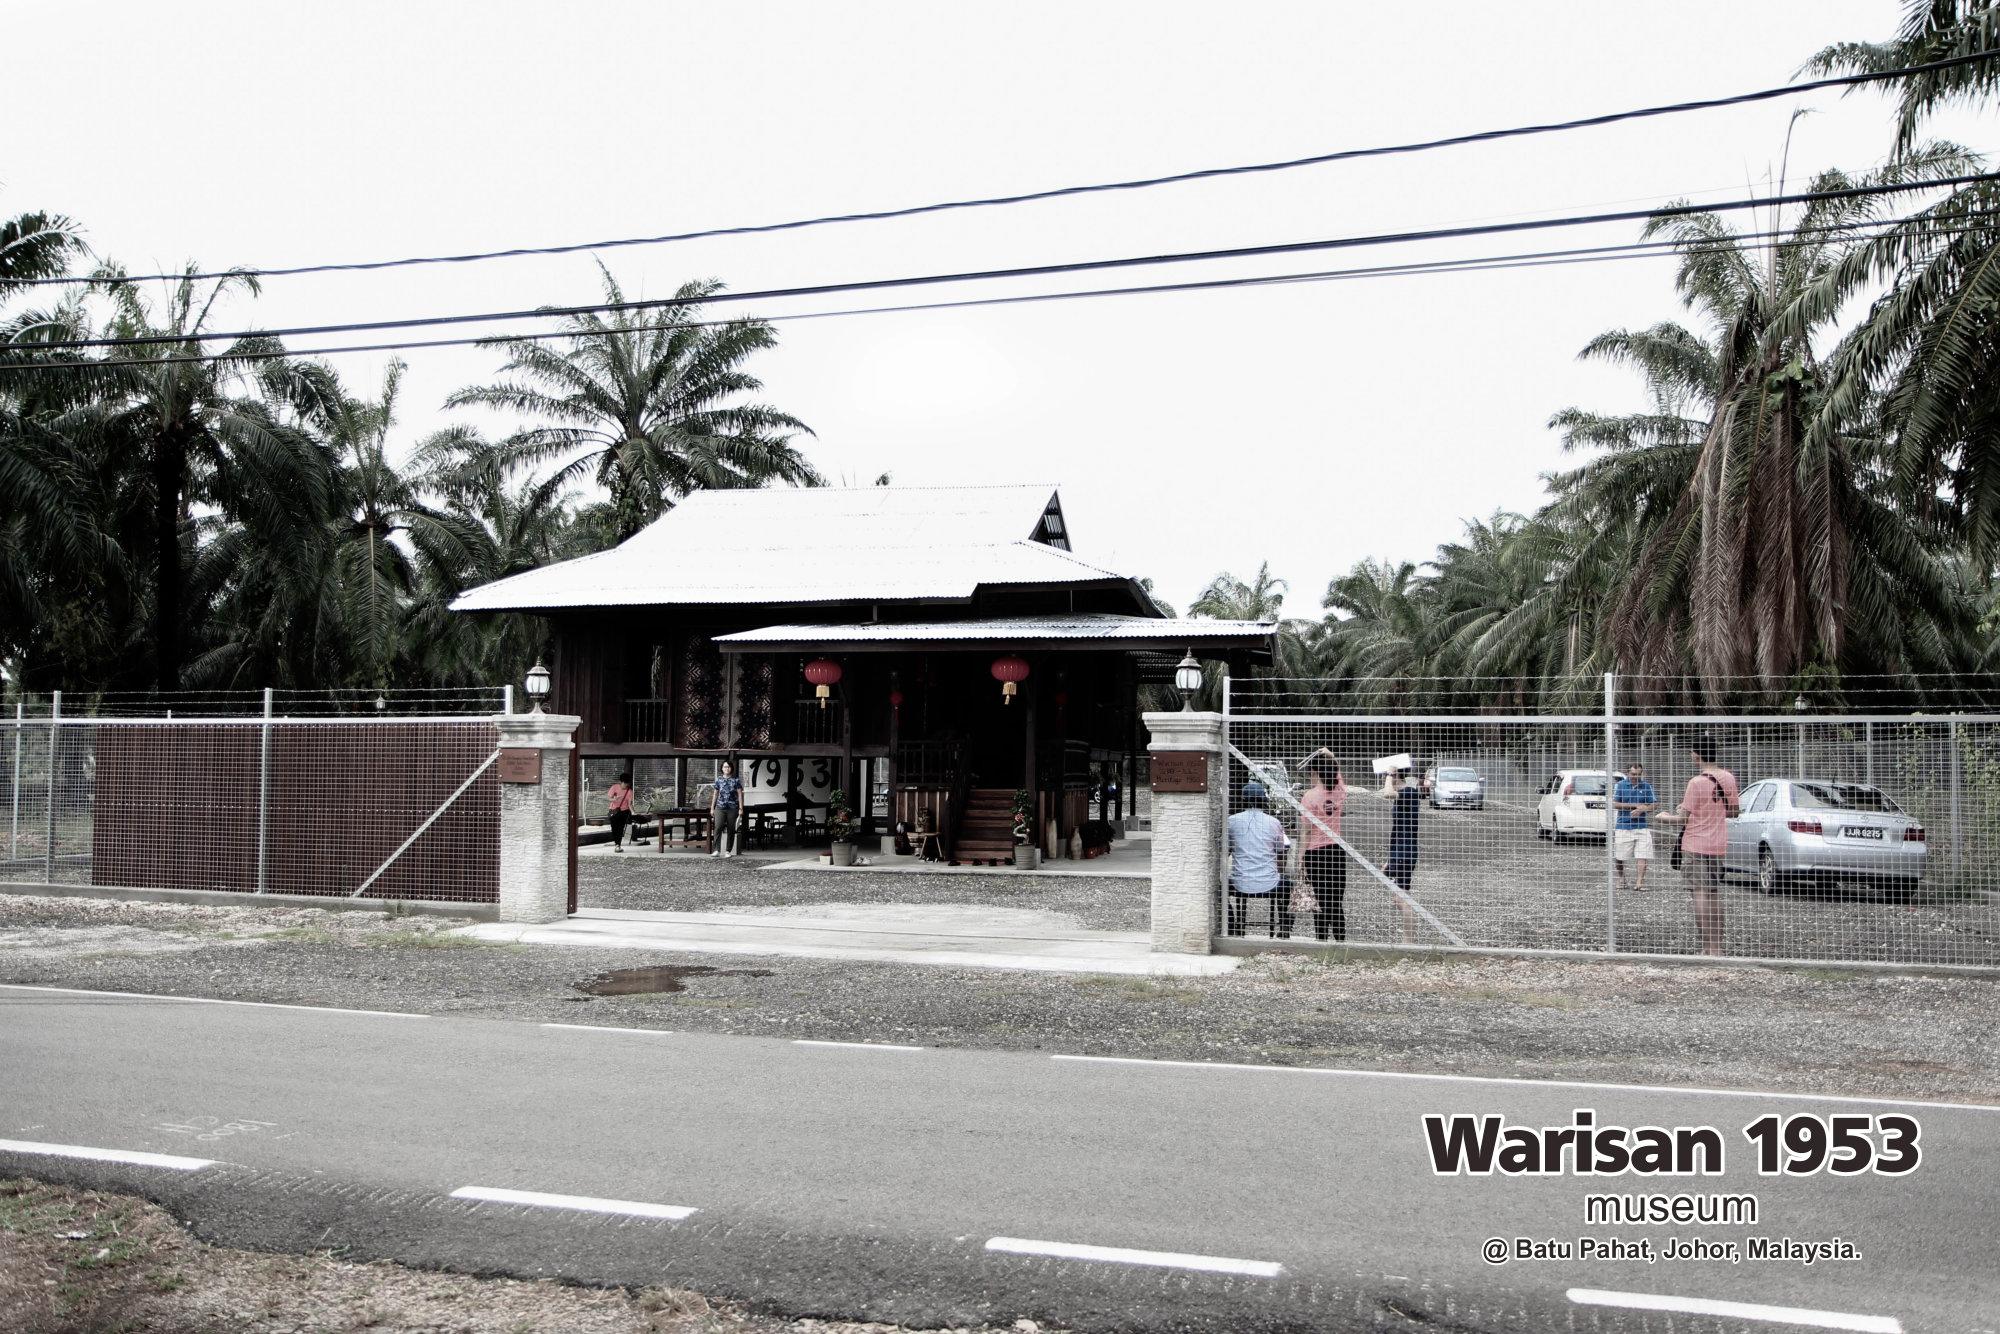 Tony Martin Kher founder of Warisan 1953 Museum at Batu Pahat Johor Malaysia Heritage 1953 Artist Joey Kher A04